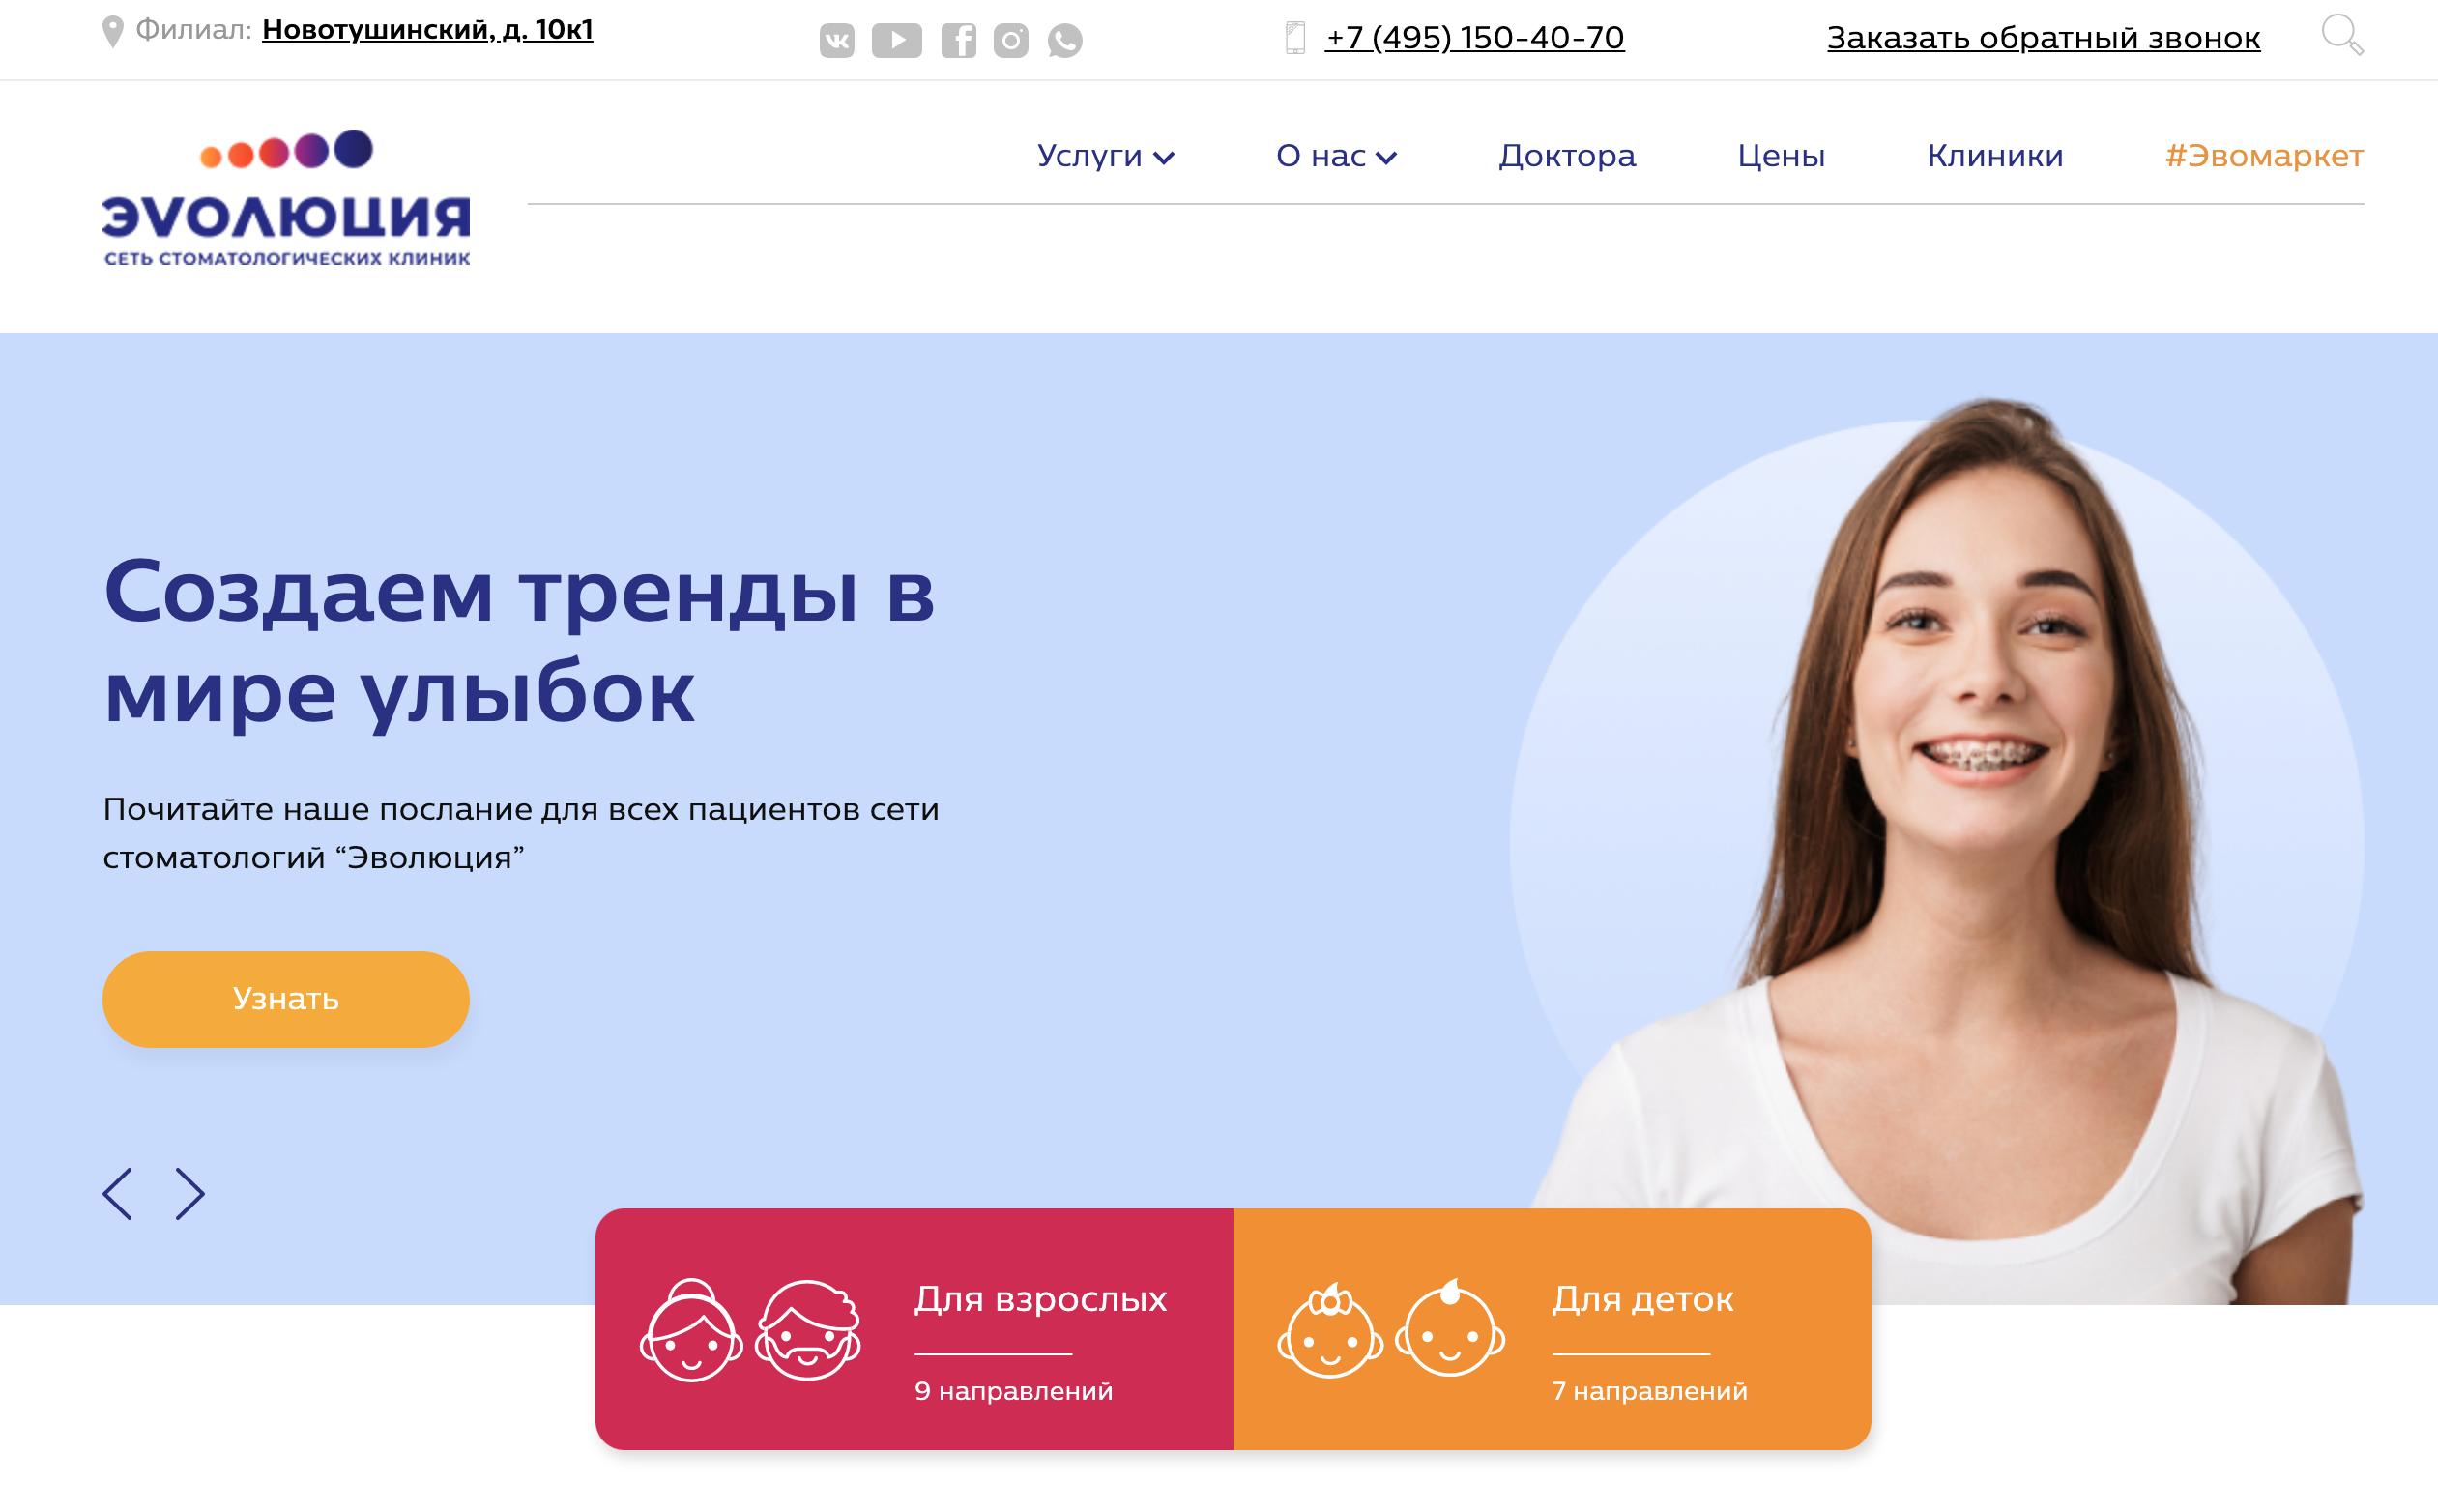 регистрация доменов второго уровня в ru